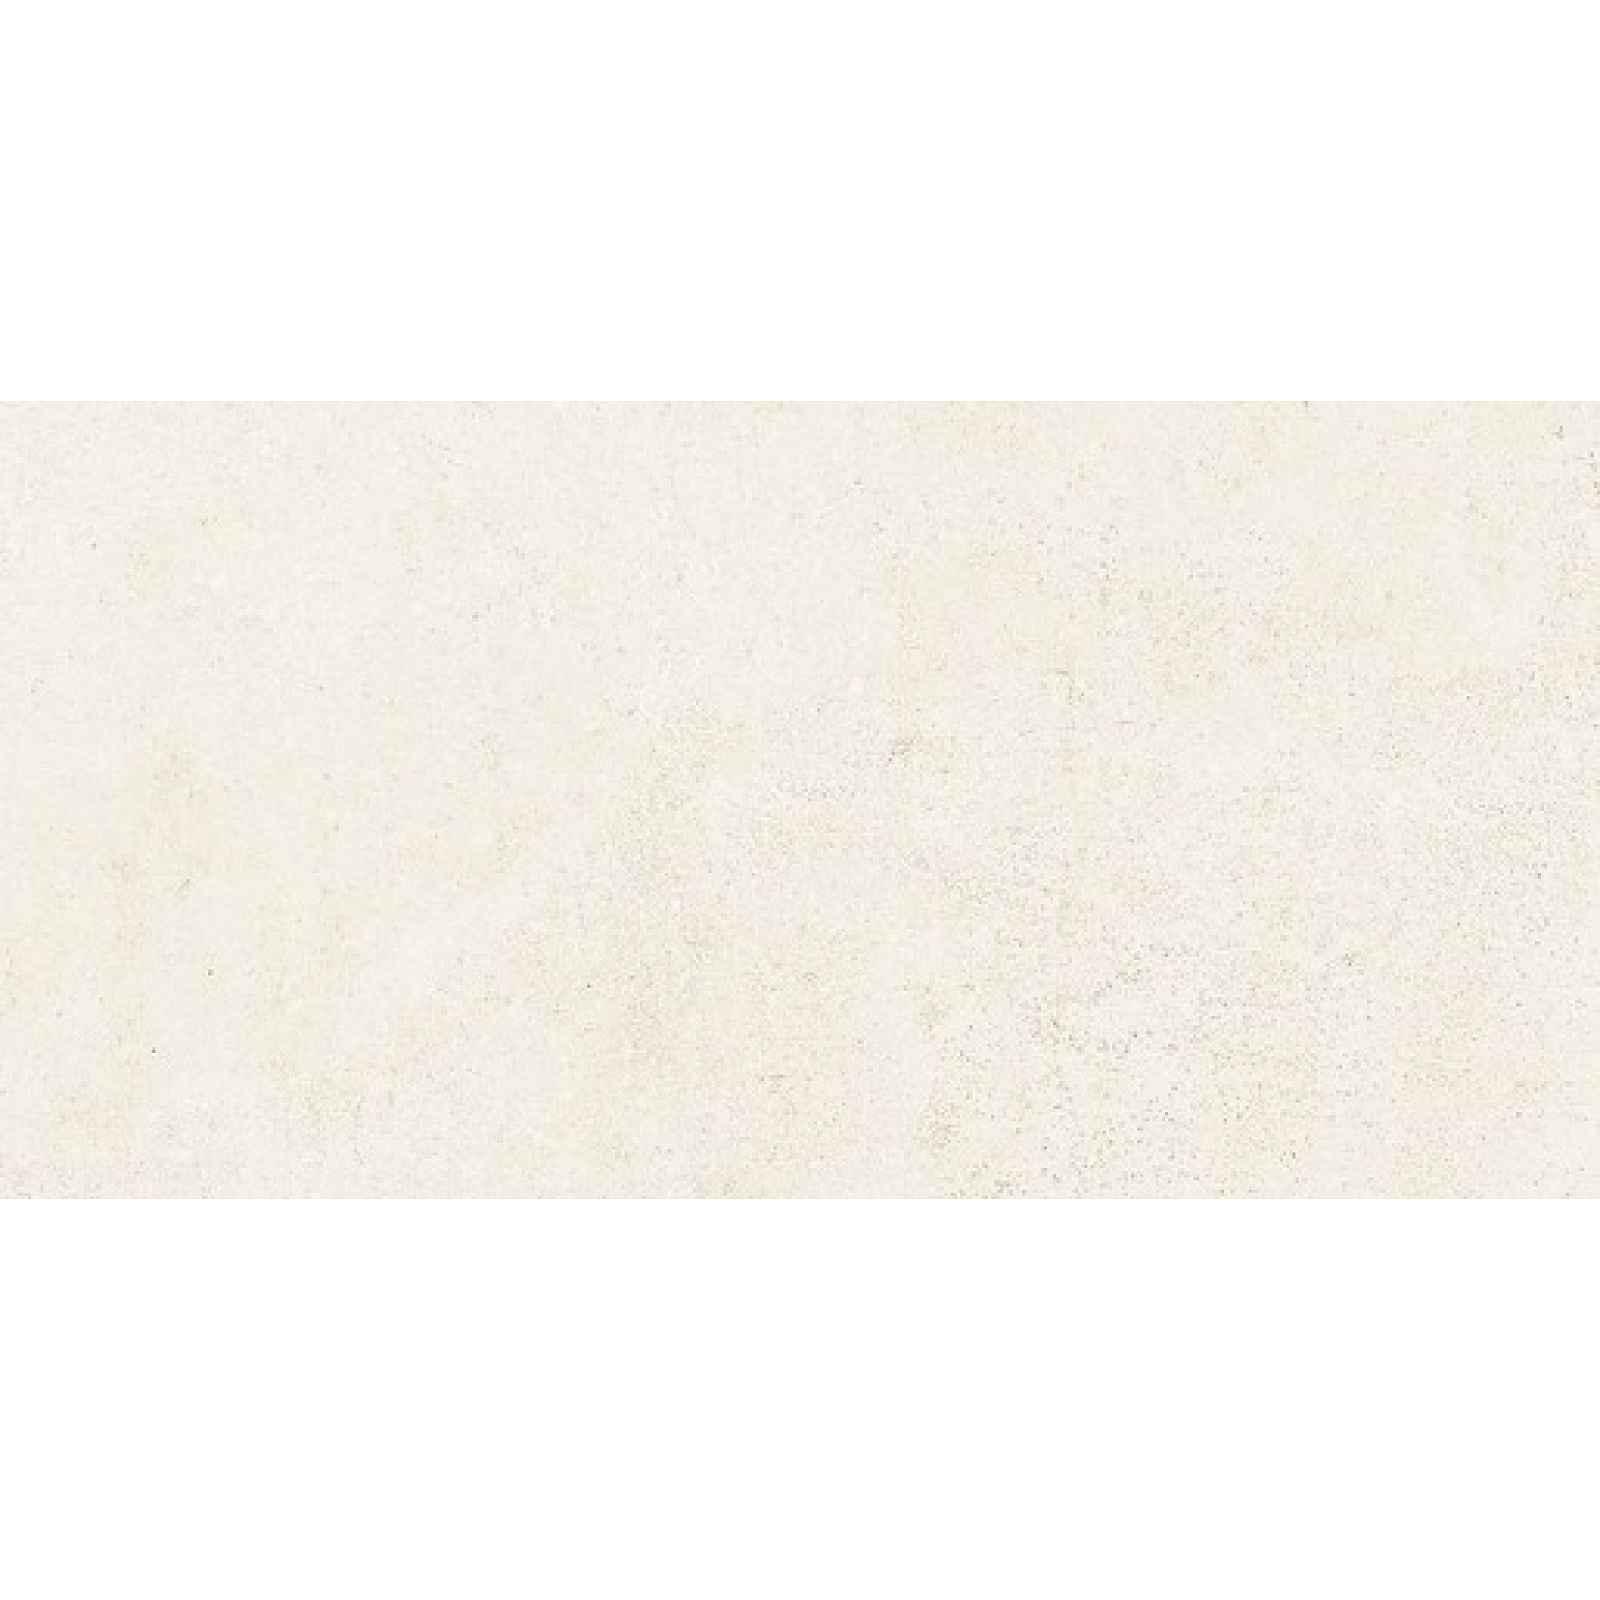 Obklad RAKO Form Plus světle béžová 20x40 cm mat WADMB694.1